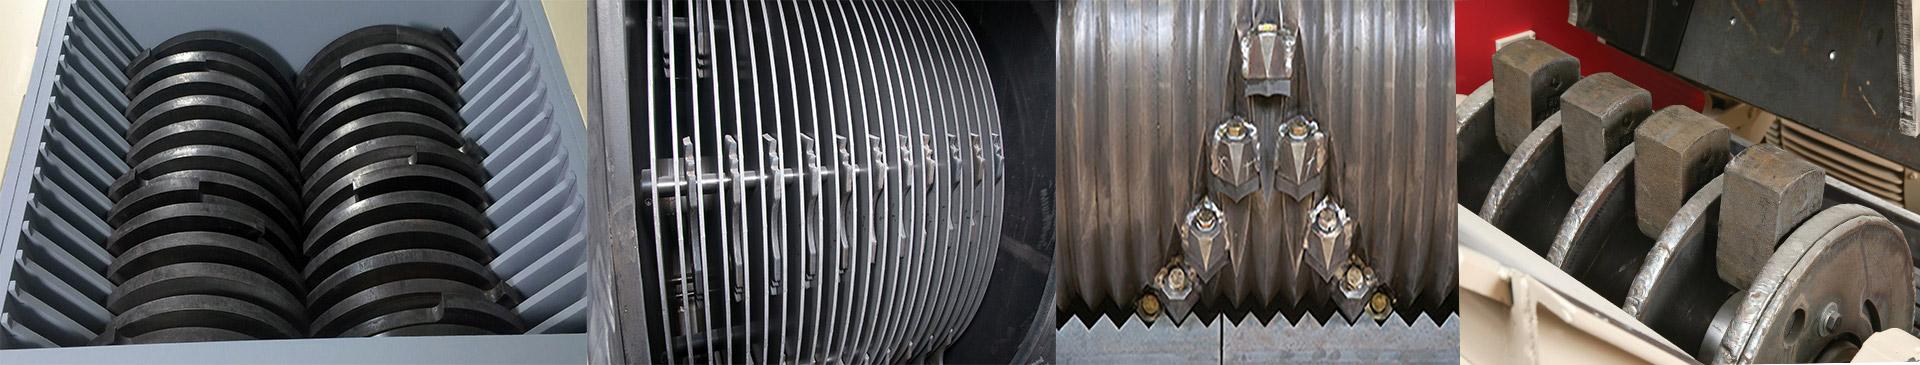 Curseur de HP. Assemblys de rotor